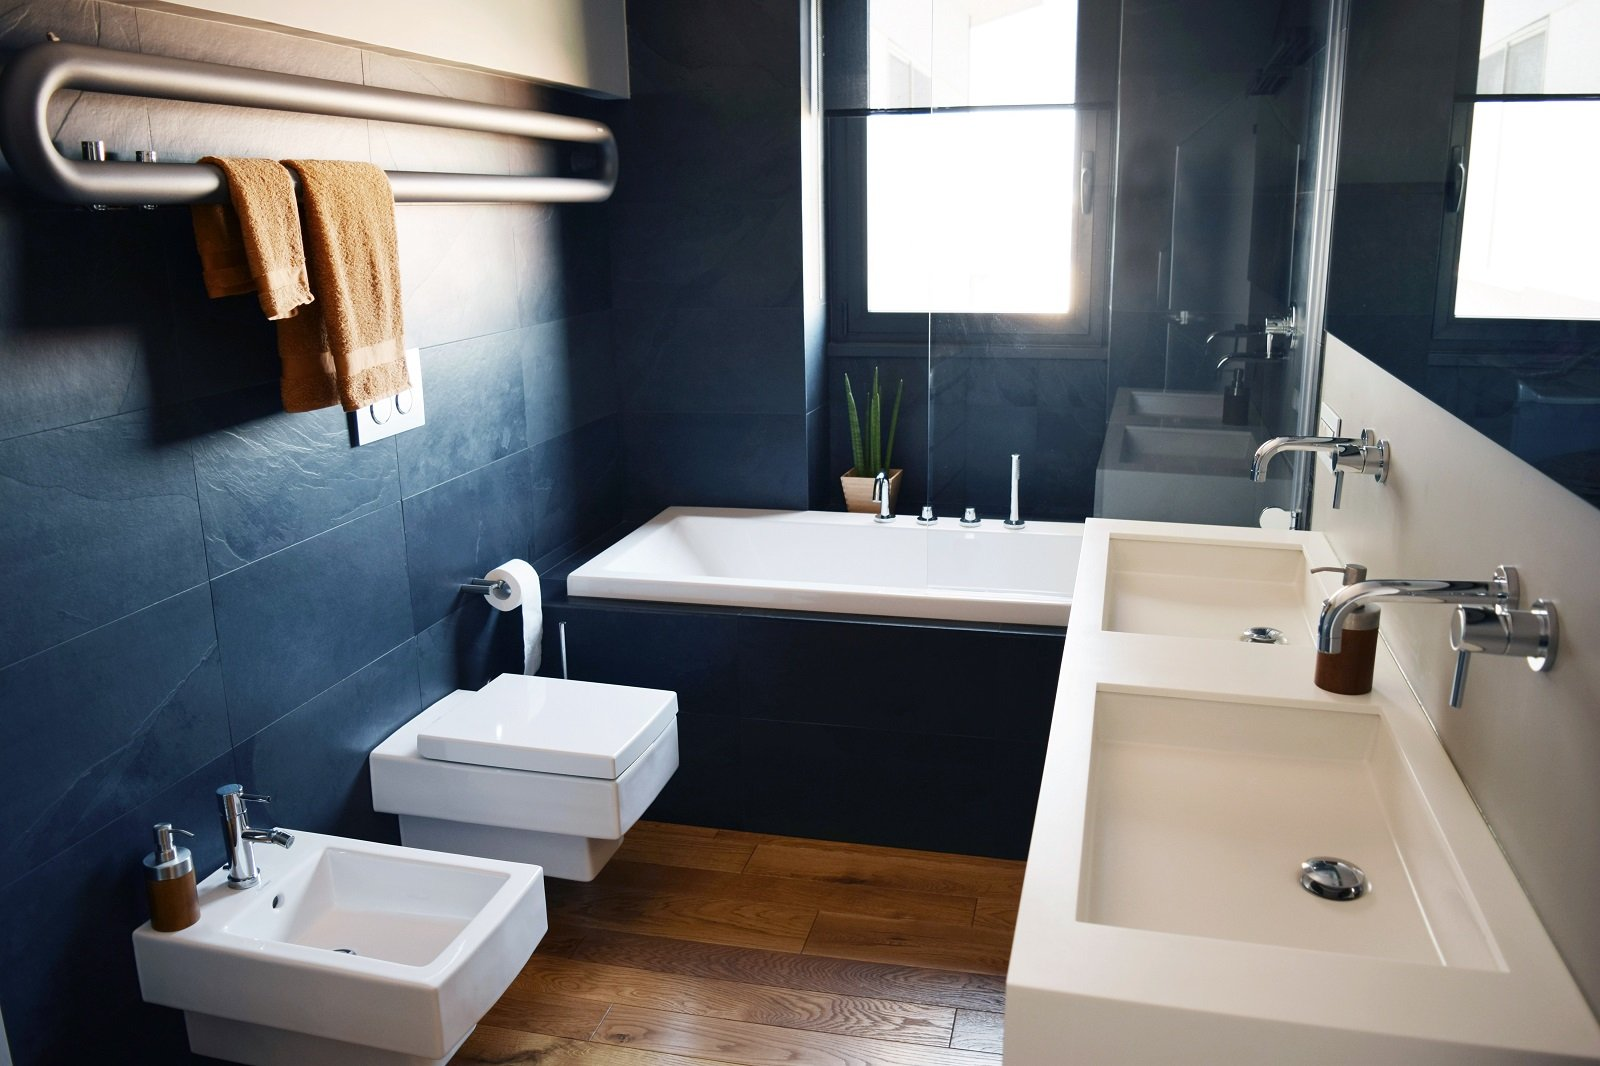 Sottotetto su due livelli con ambienti open space cose di casa - Smalto per pareti bagno ...